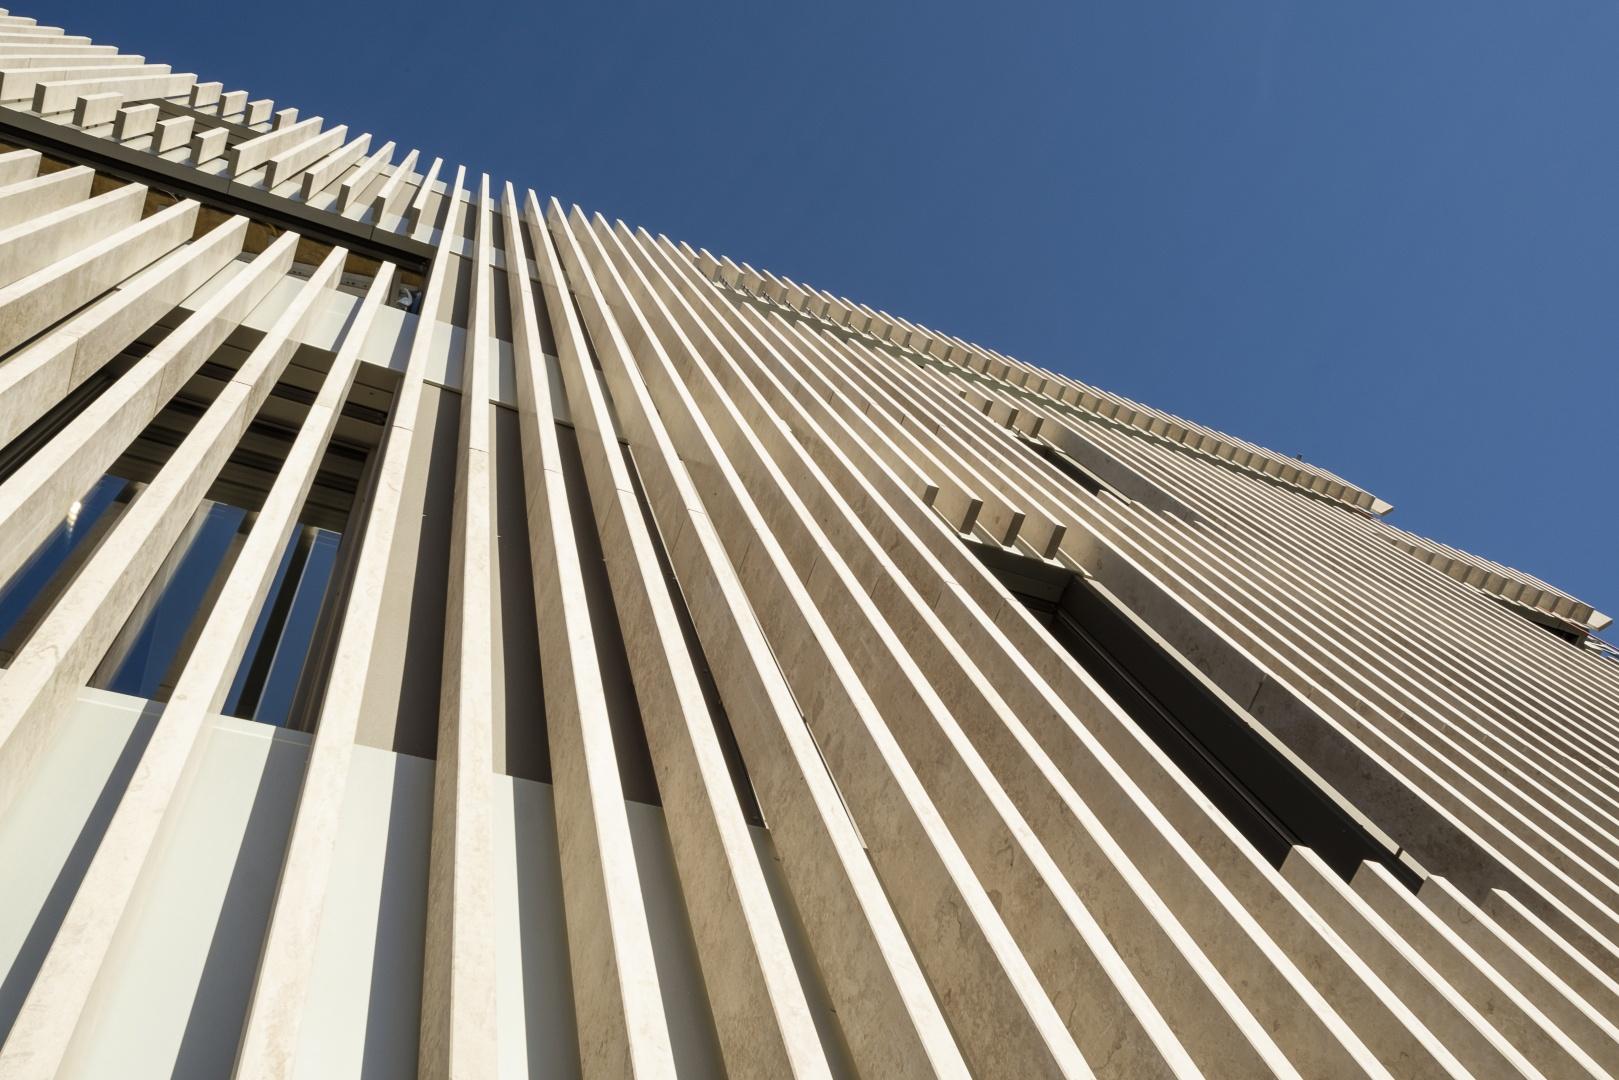 Fassadendetail mit Lamellen aus Naturstein © Hunkeler Partner Architekten AG